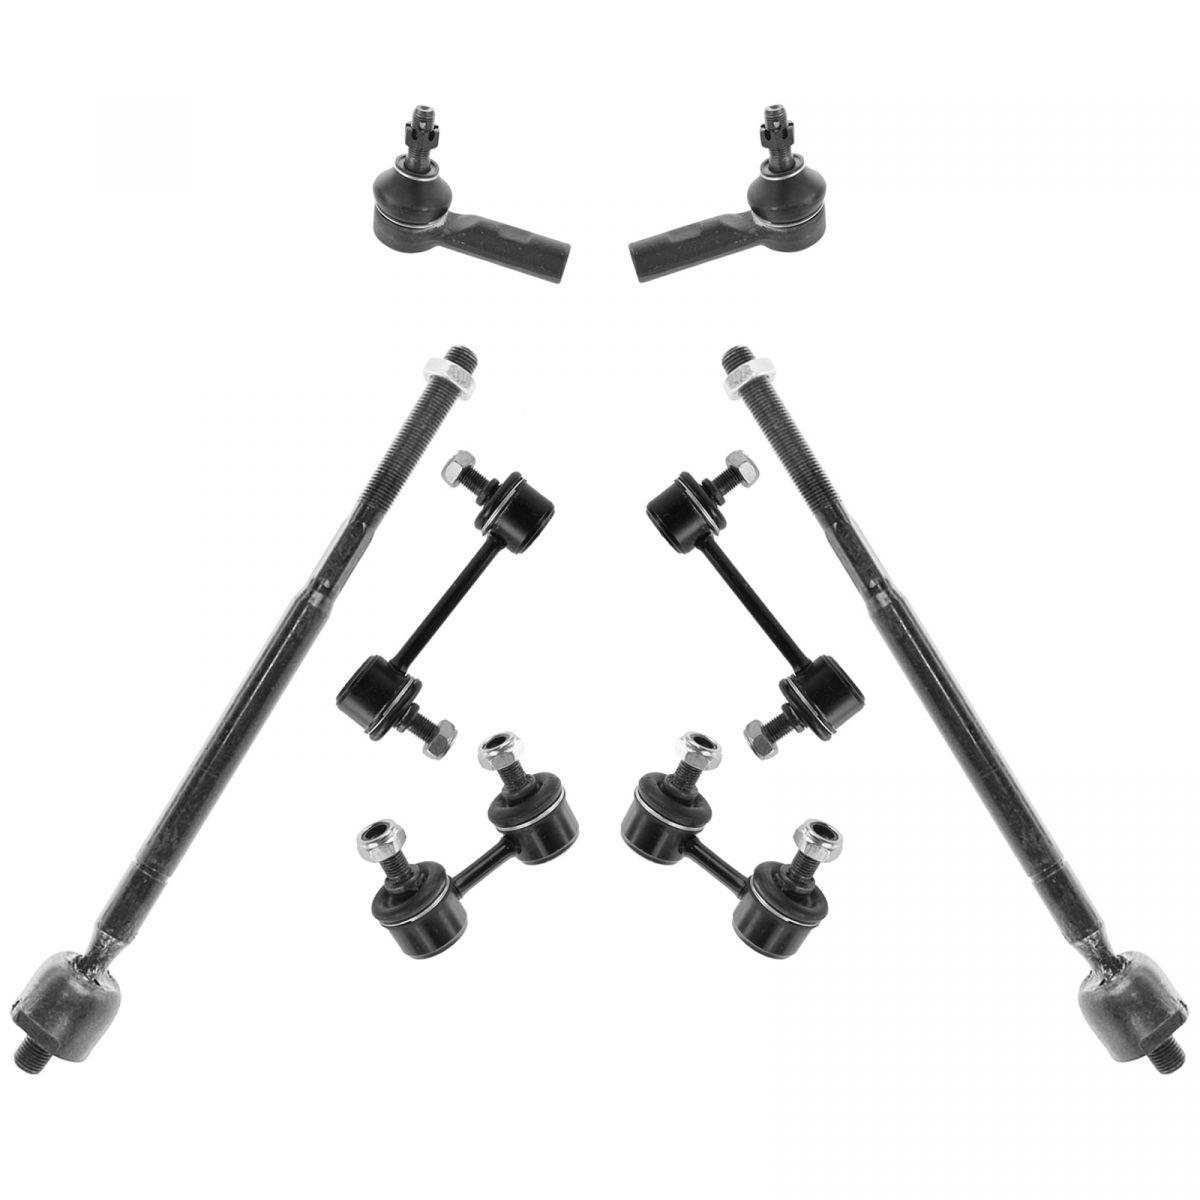 8 Piece Steering Amp Suspension Kit Sway Bar Links Tie Rod